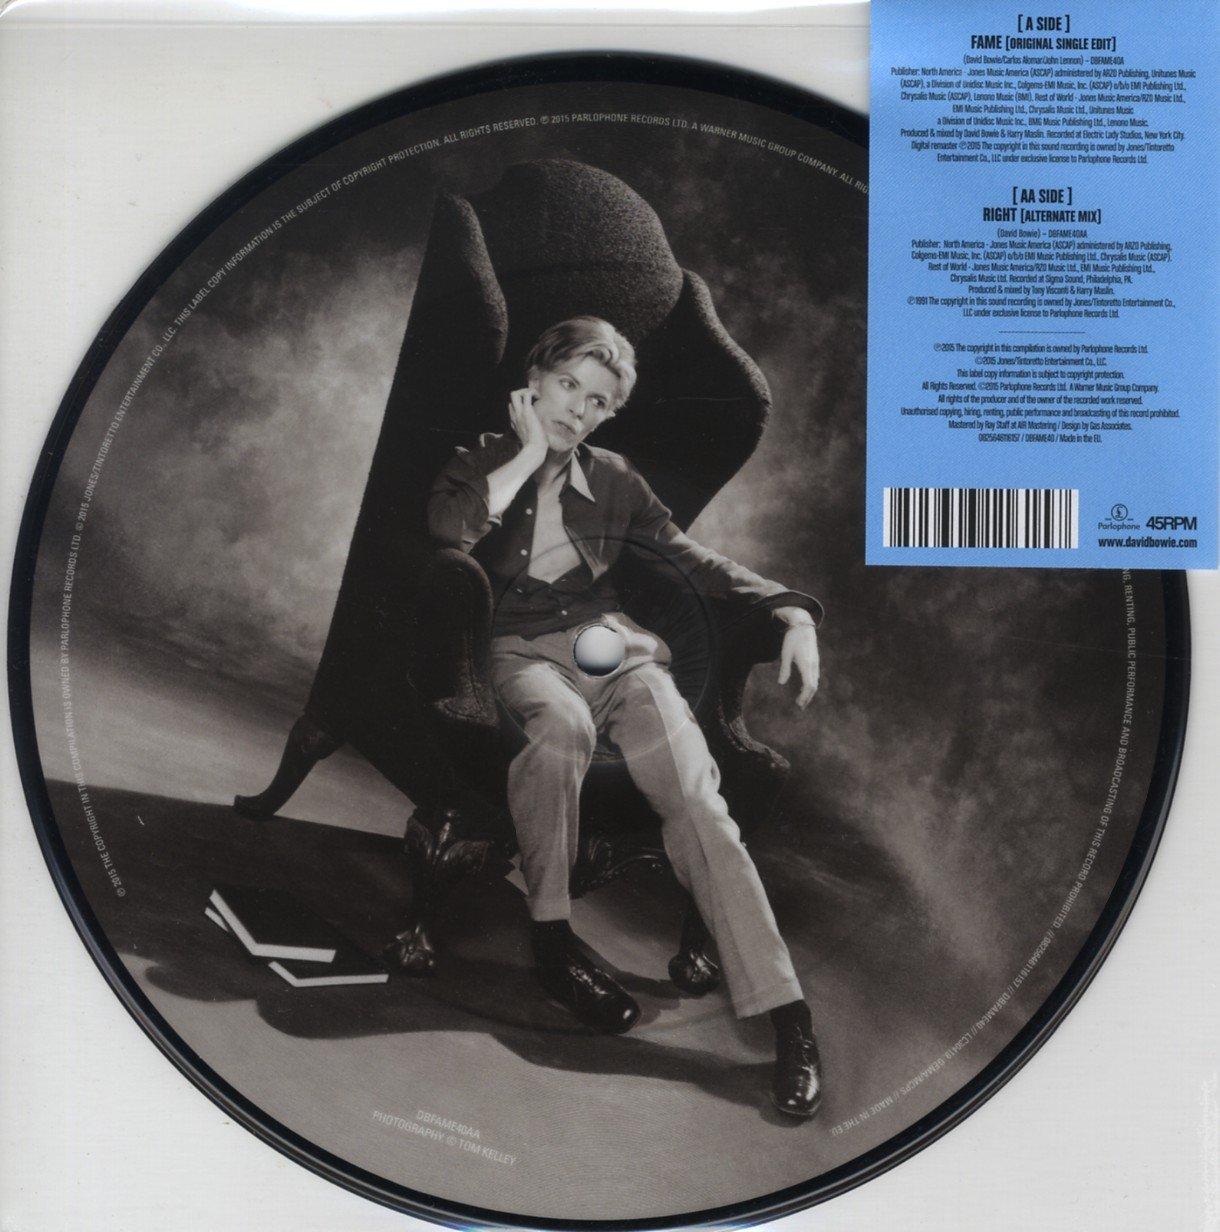 David Bowie Fame - disque vinyle SP 45 tours